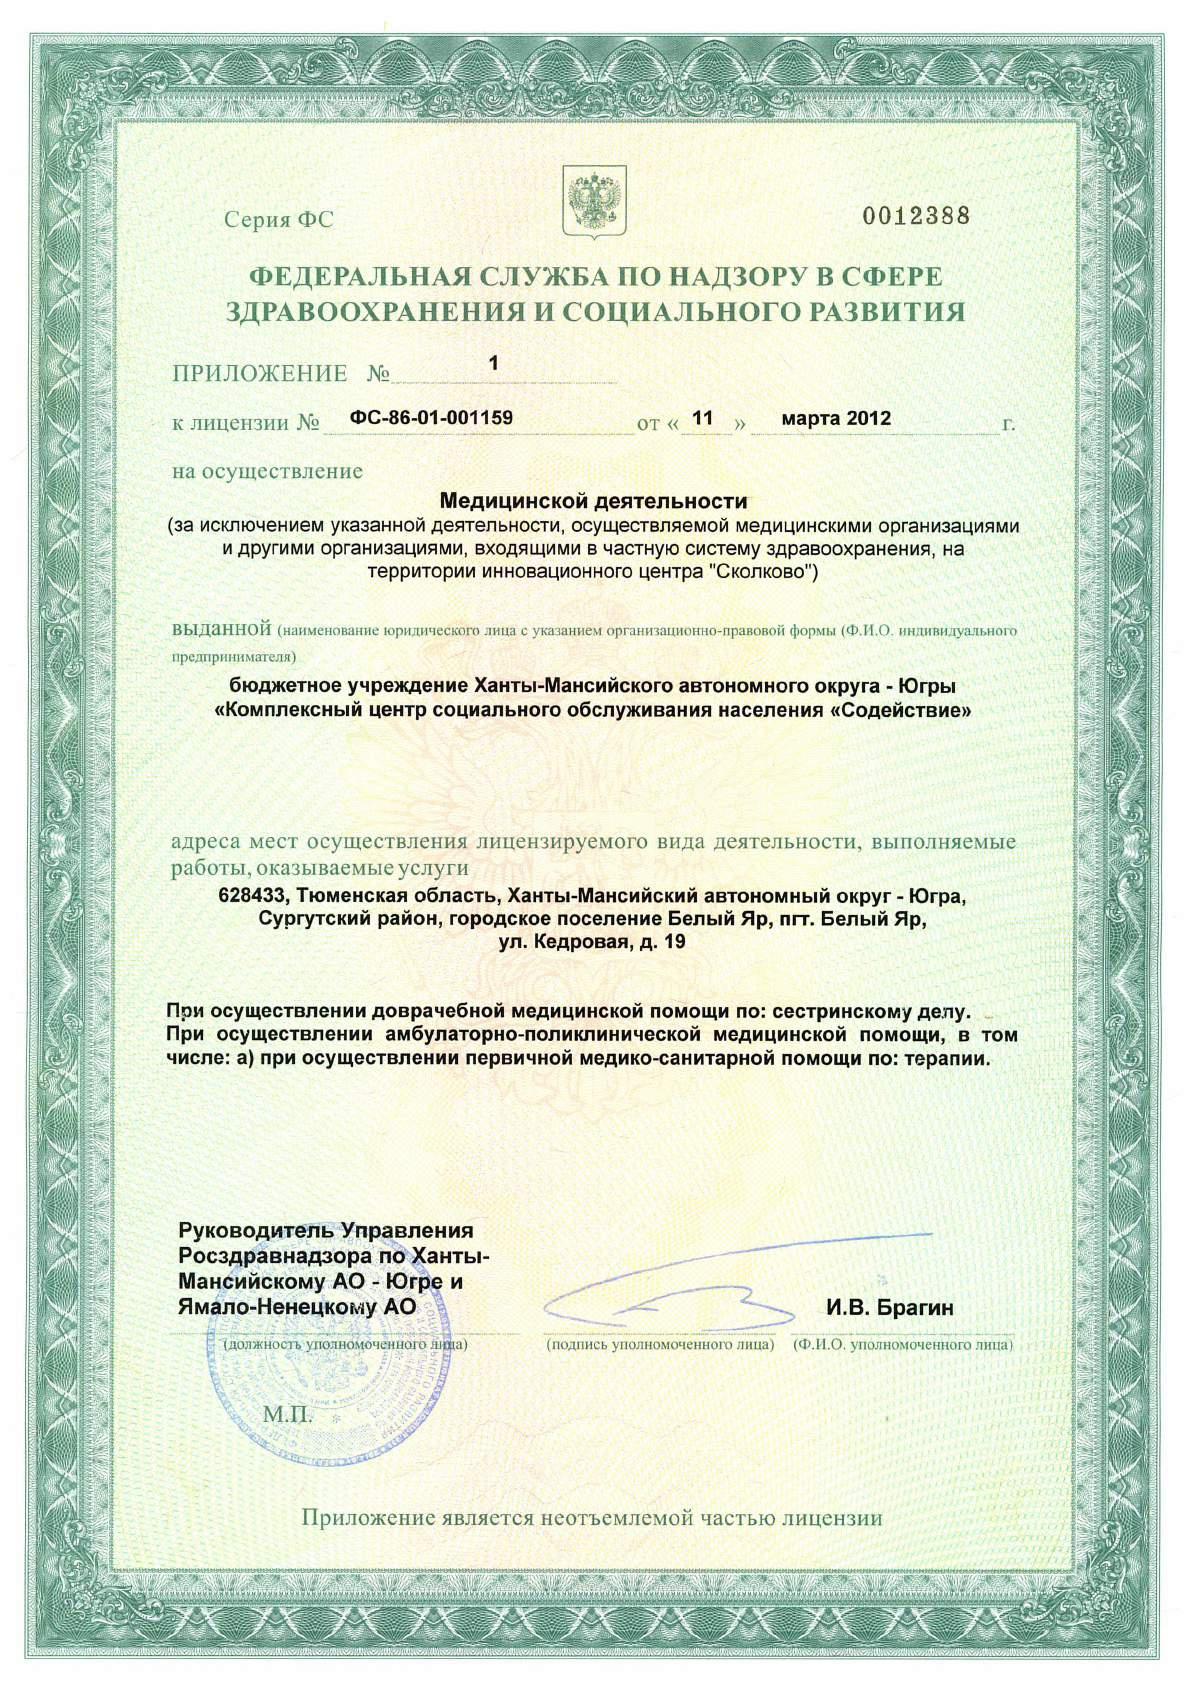 Лицензия на осуществление медицинской деятельности от 11.03.2012 (страница 3)